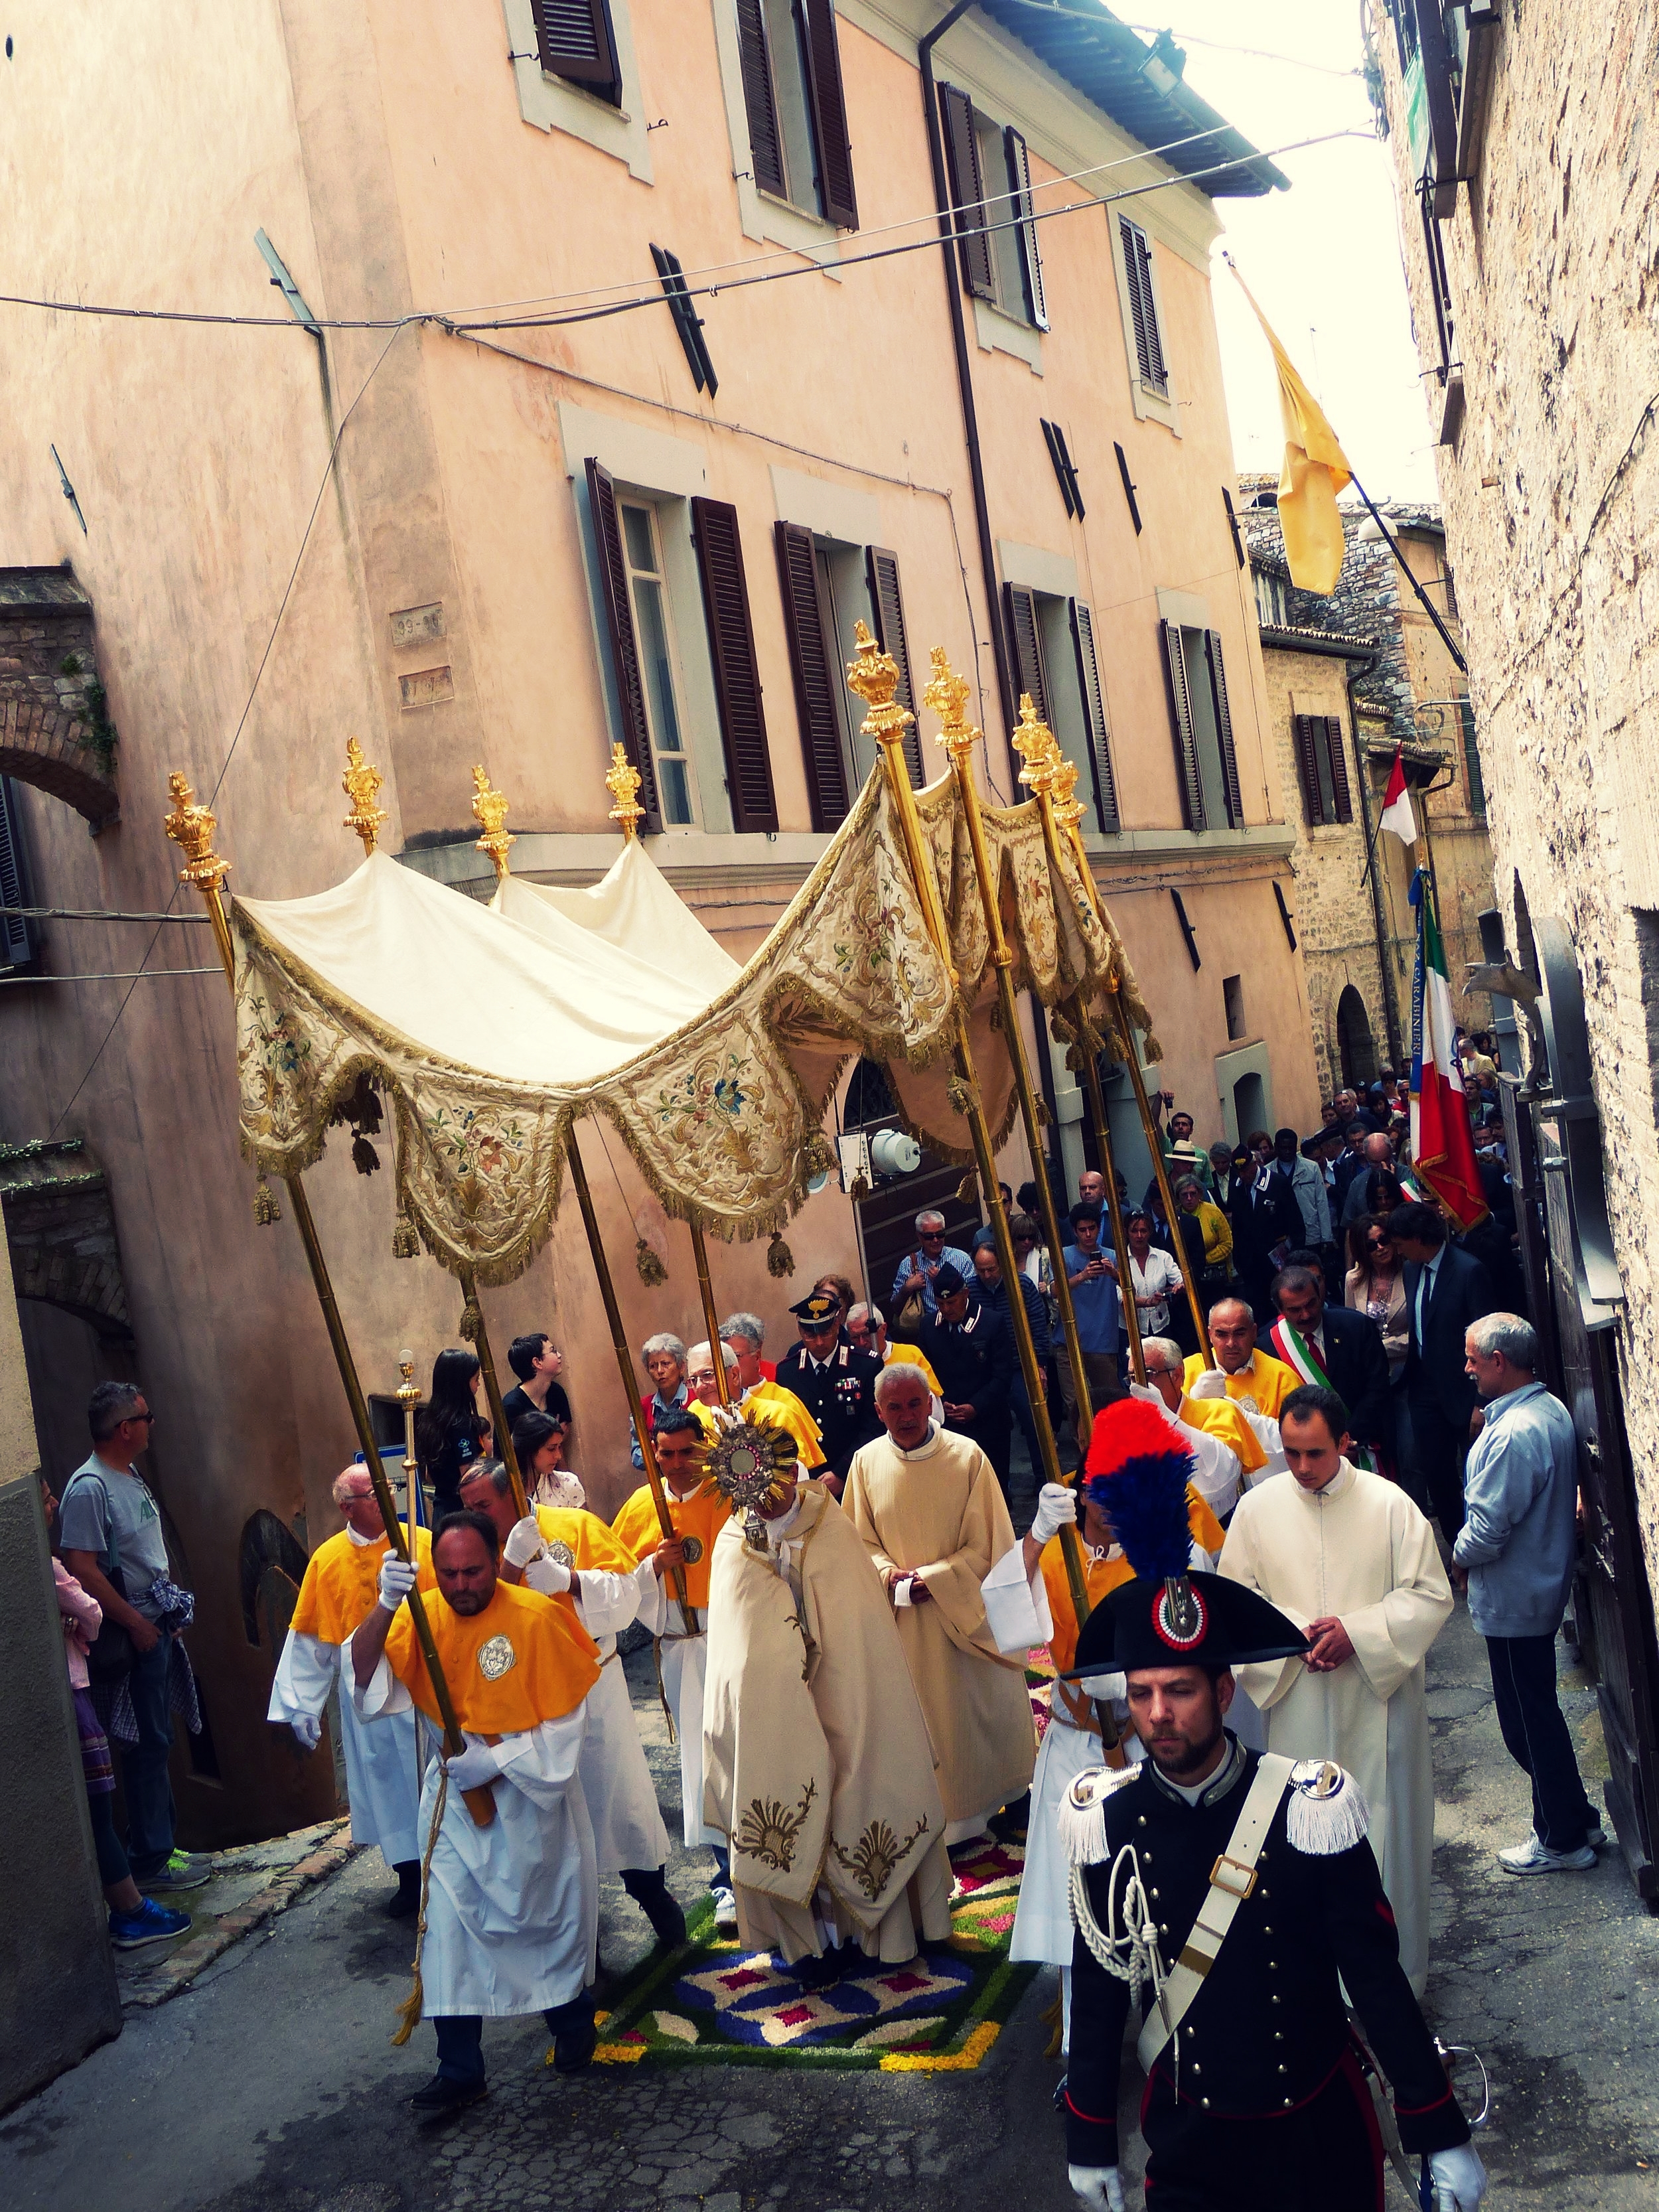 Infiorata procession in Spello, Umbria